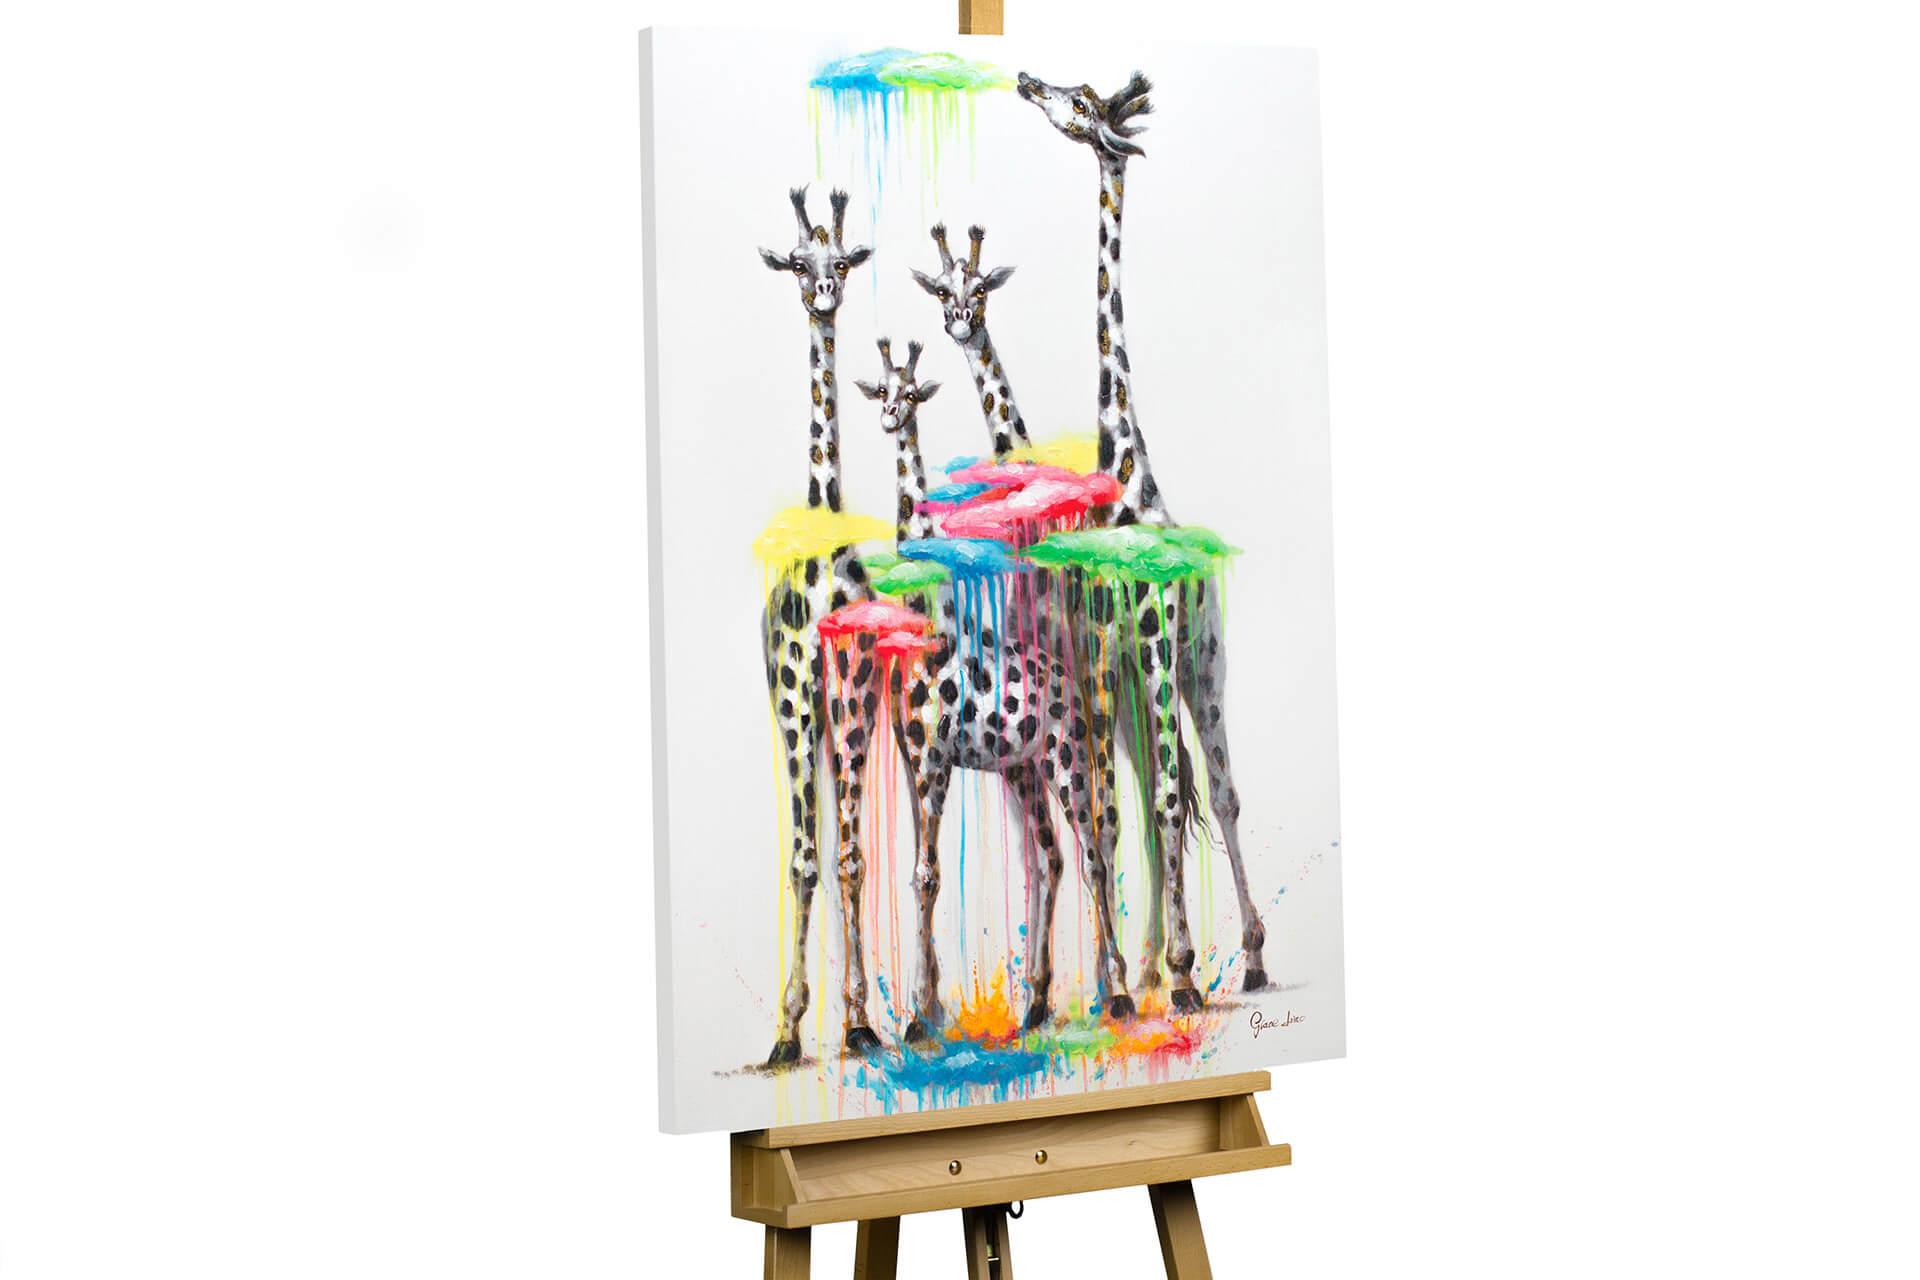 kl girafffen wolken tiere natur modern modern acryl gemaelde oel bild 02